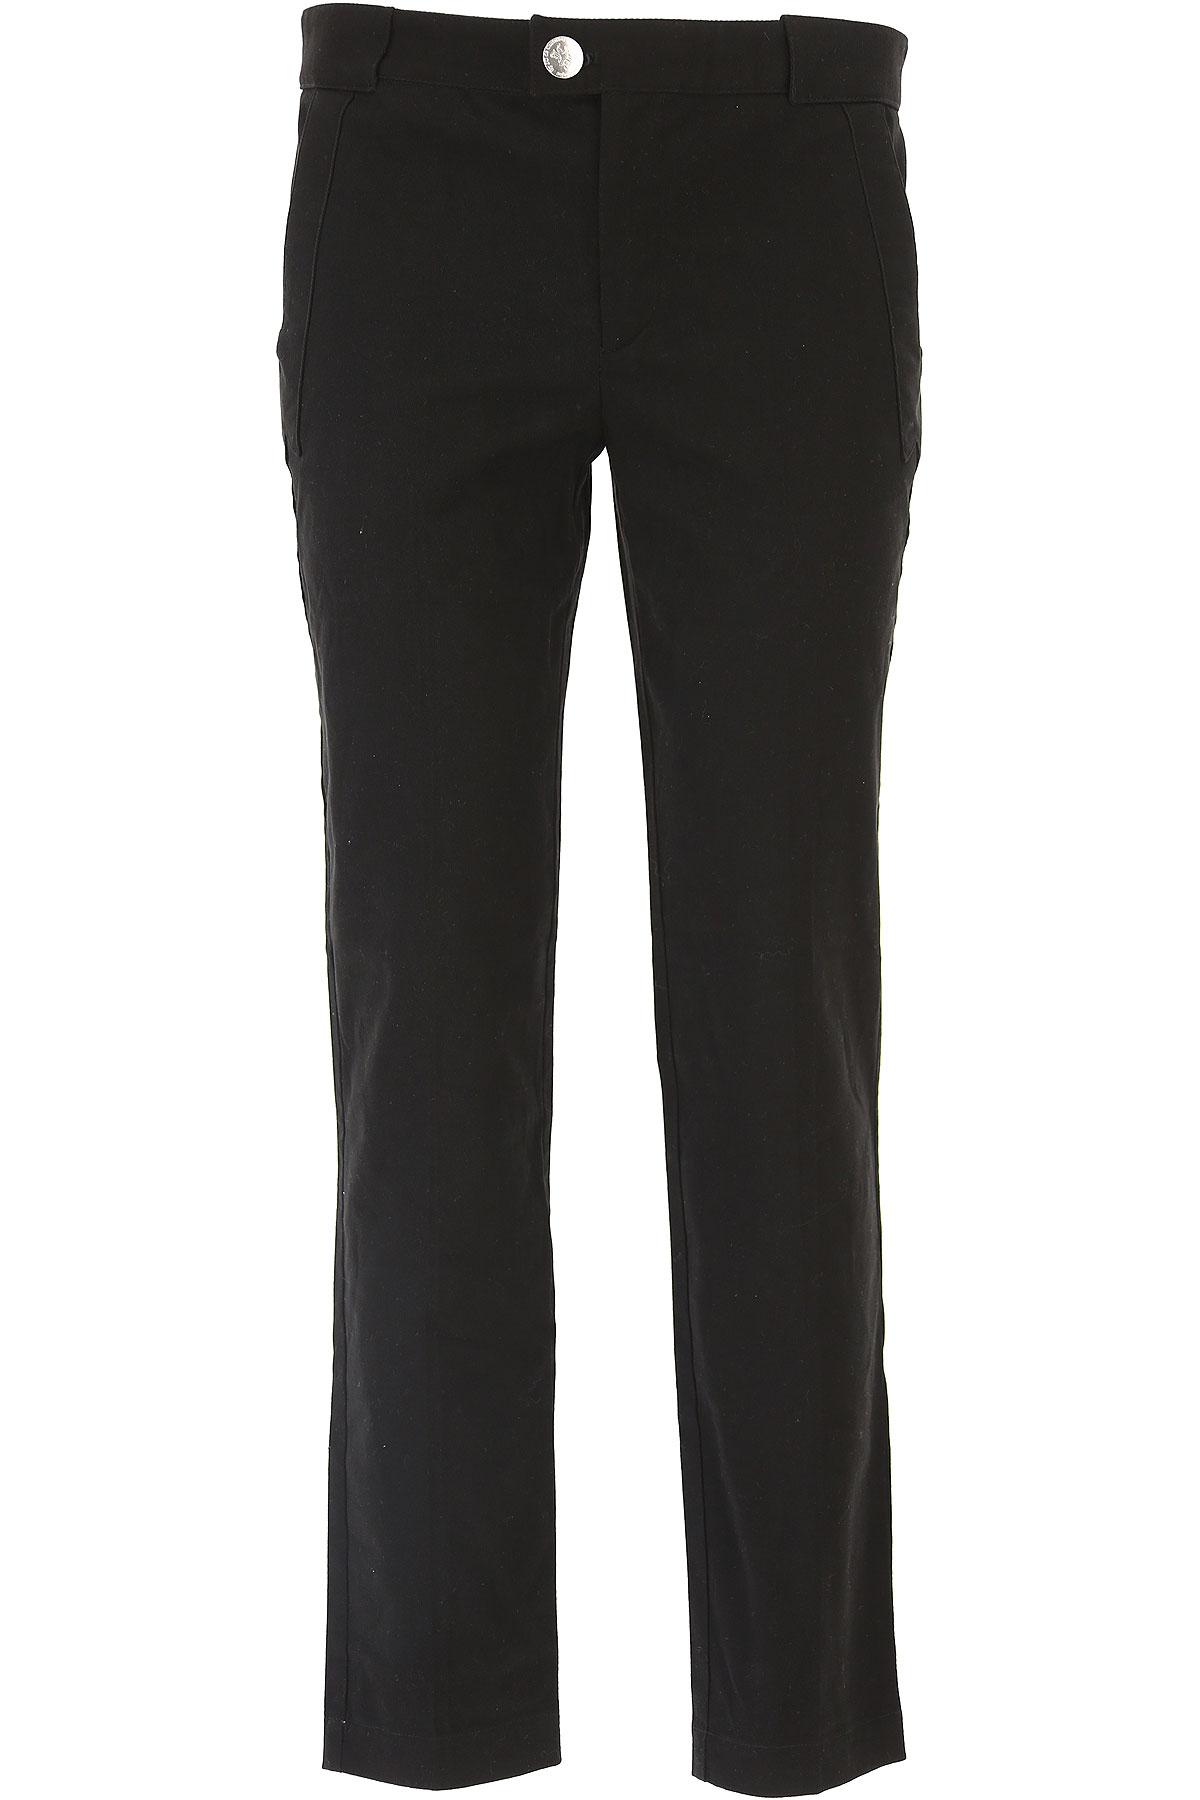 JC de CASTELBAJAC Pants for Men On Sale in Outlet, Black, Cotton, 2019, 36 40